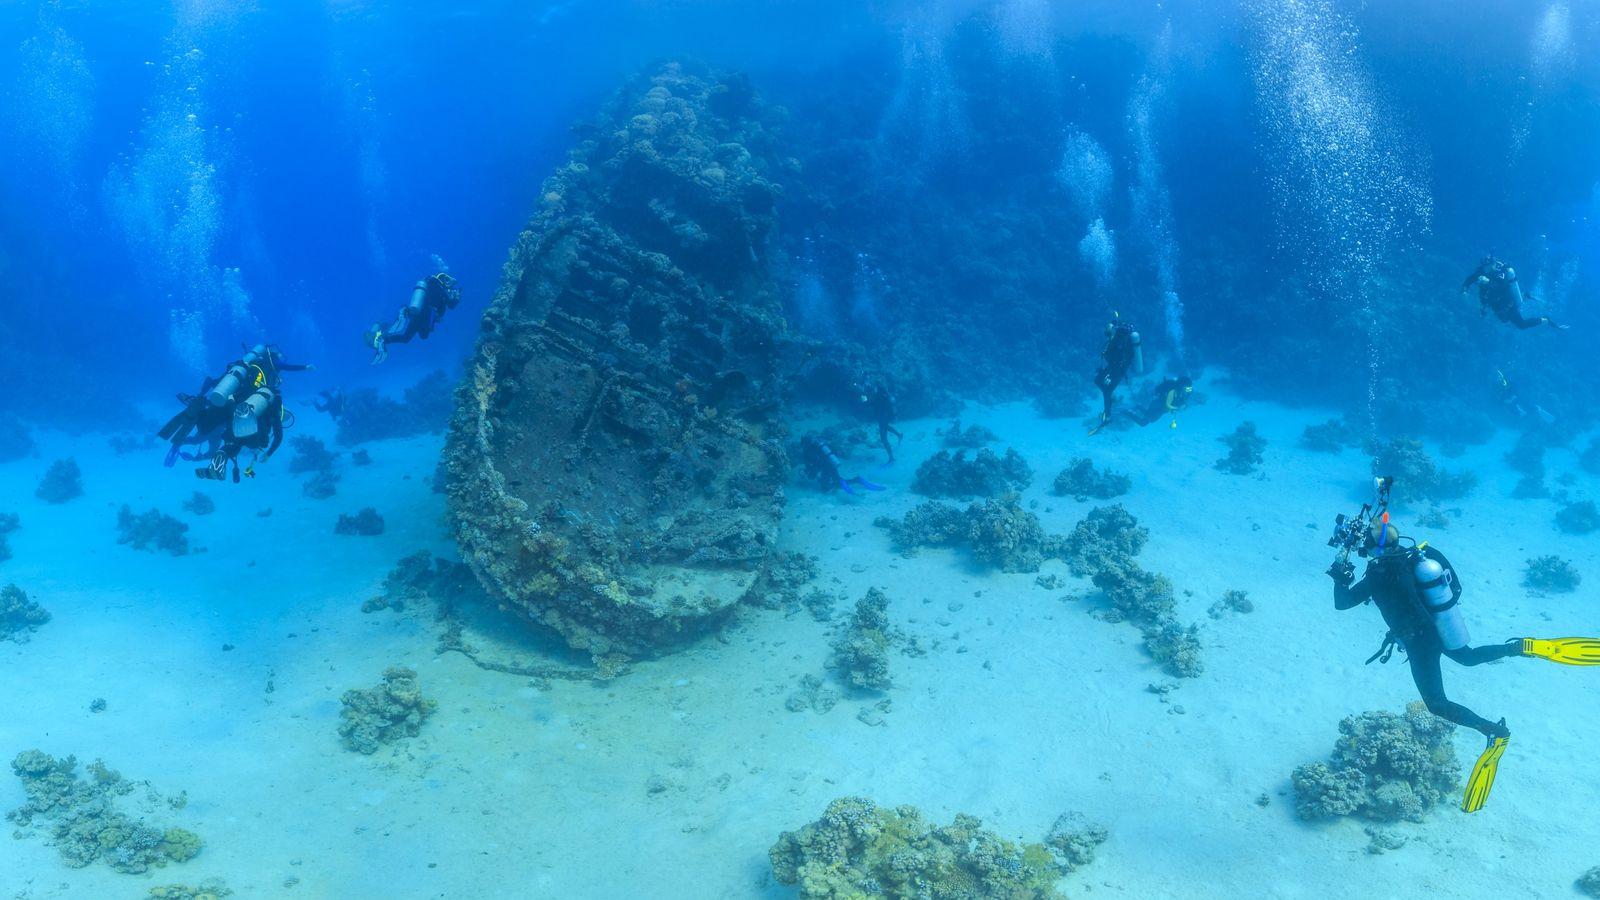 Une épave dans la Mer rouge fait l'objet d'études archéologiques.